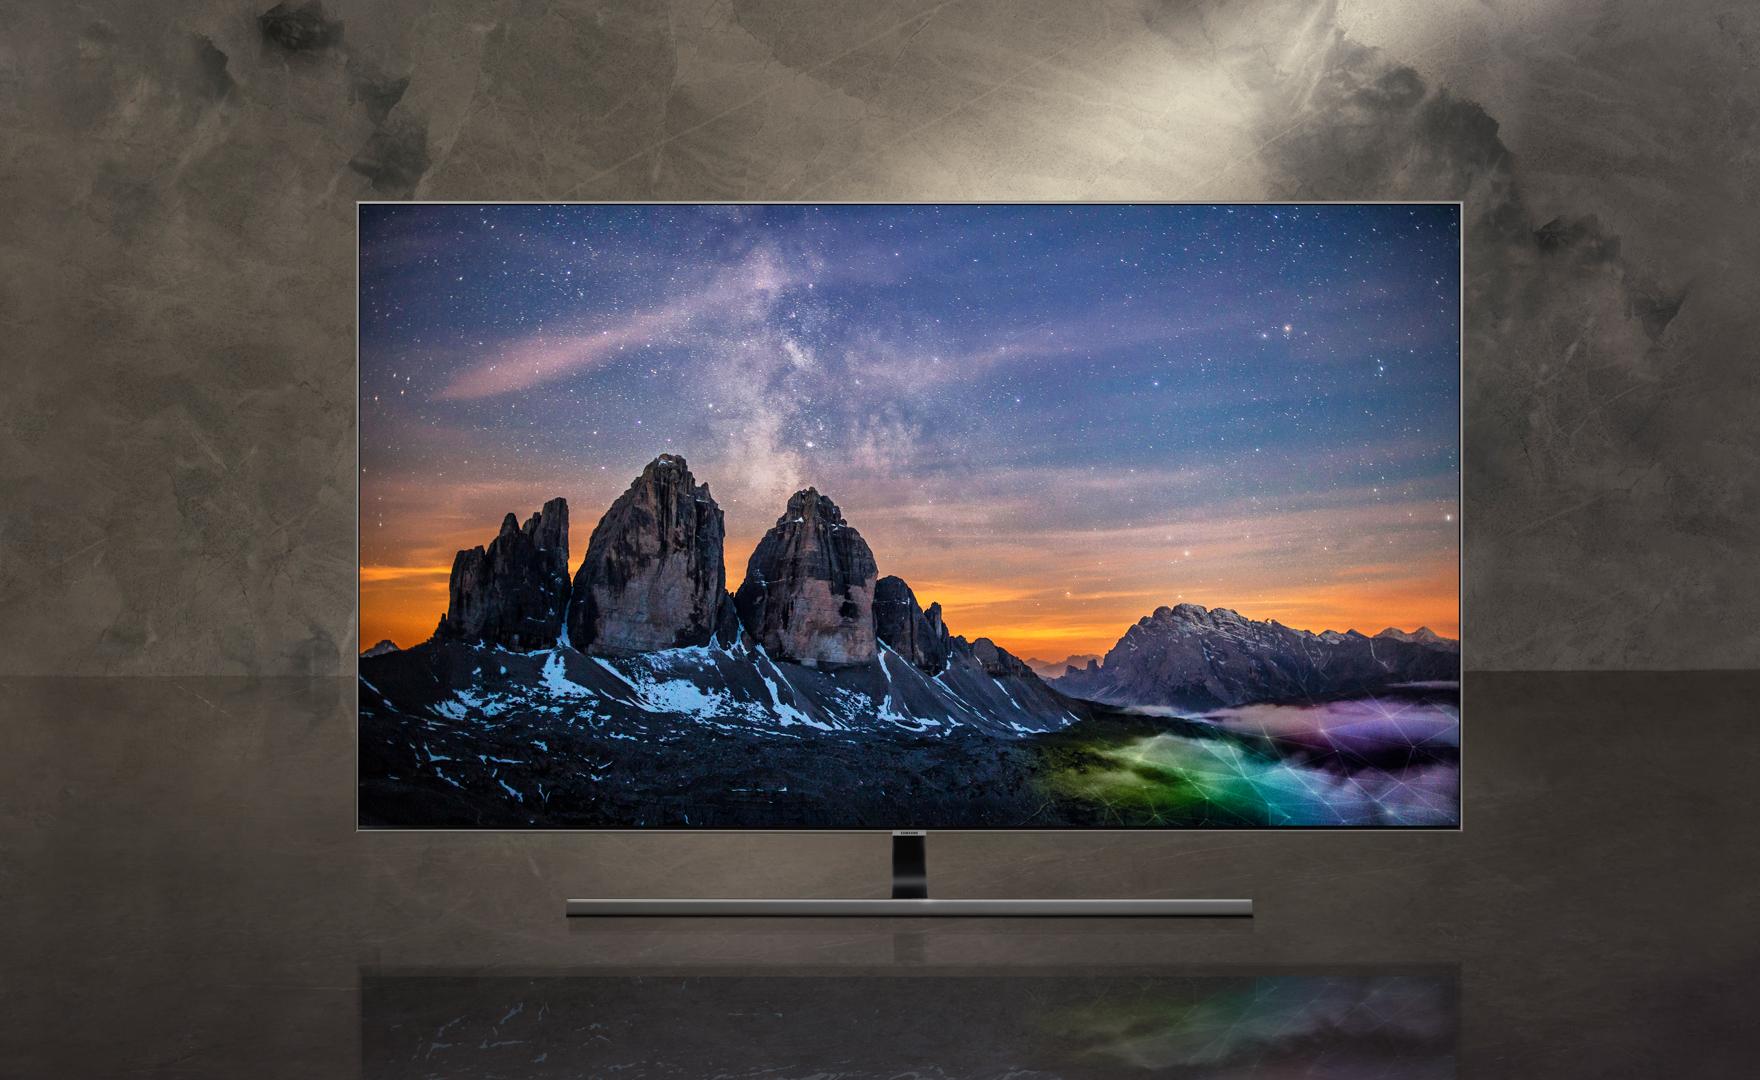 TV 8K Samsung: come funziona l'upscaling con intelligenza artificiale